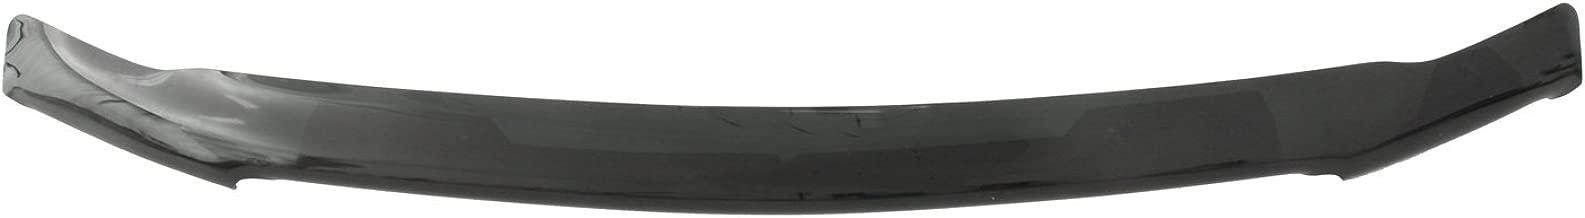 Auto Ventshade 23743 Bugflector Dark Smoke Hood Shield for 2016-2018 Ford Explorer